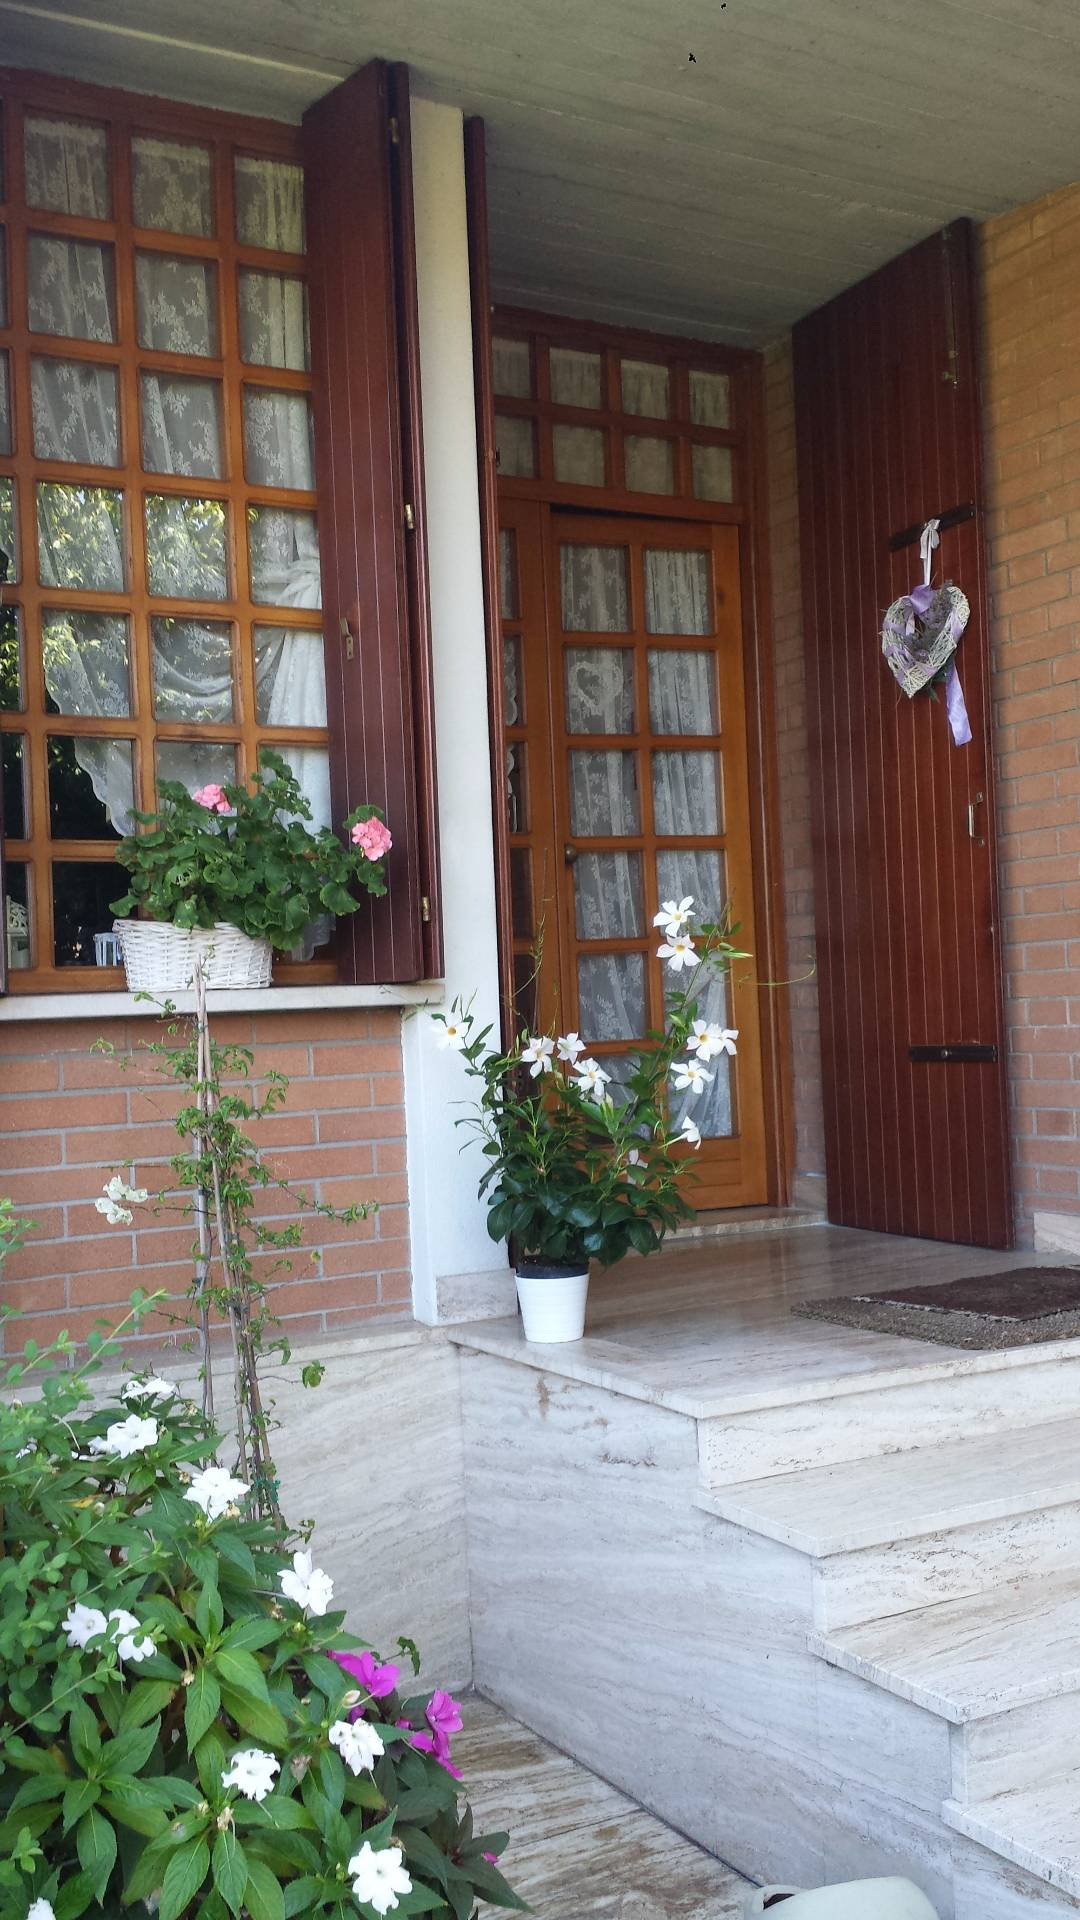 Villa in vendita a Silea, 8 locali, zona Località: Centro, Trattative riservate | Cambio Casa.it